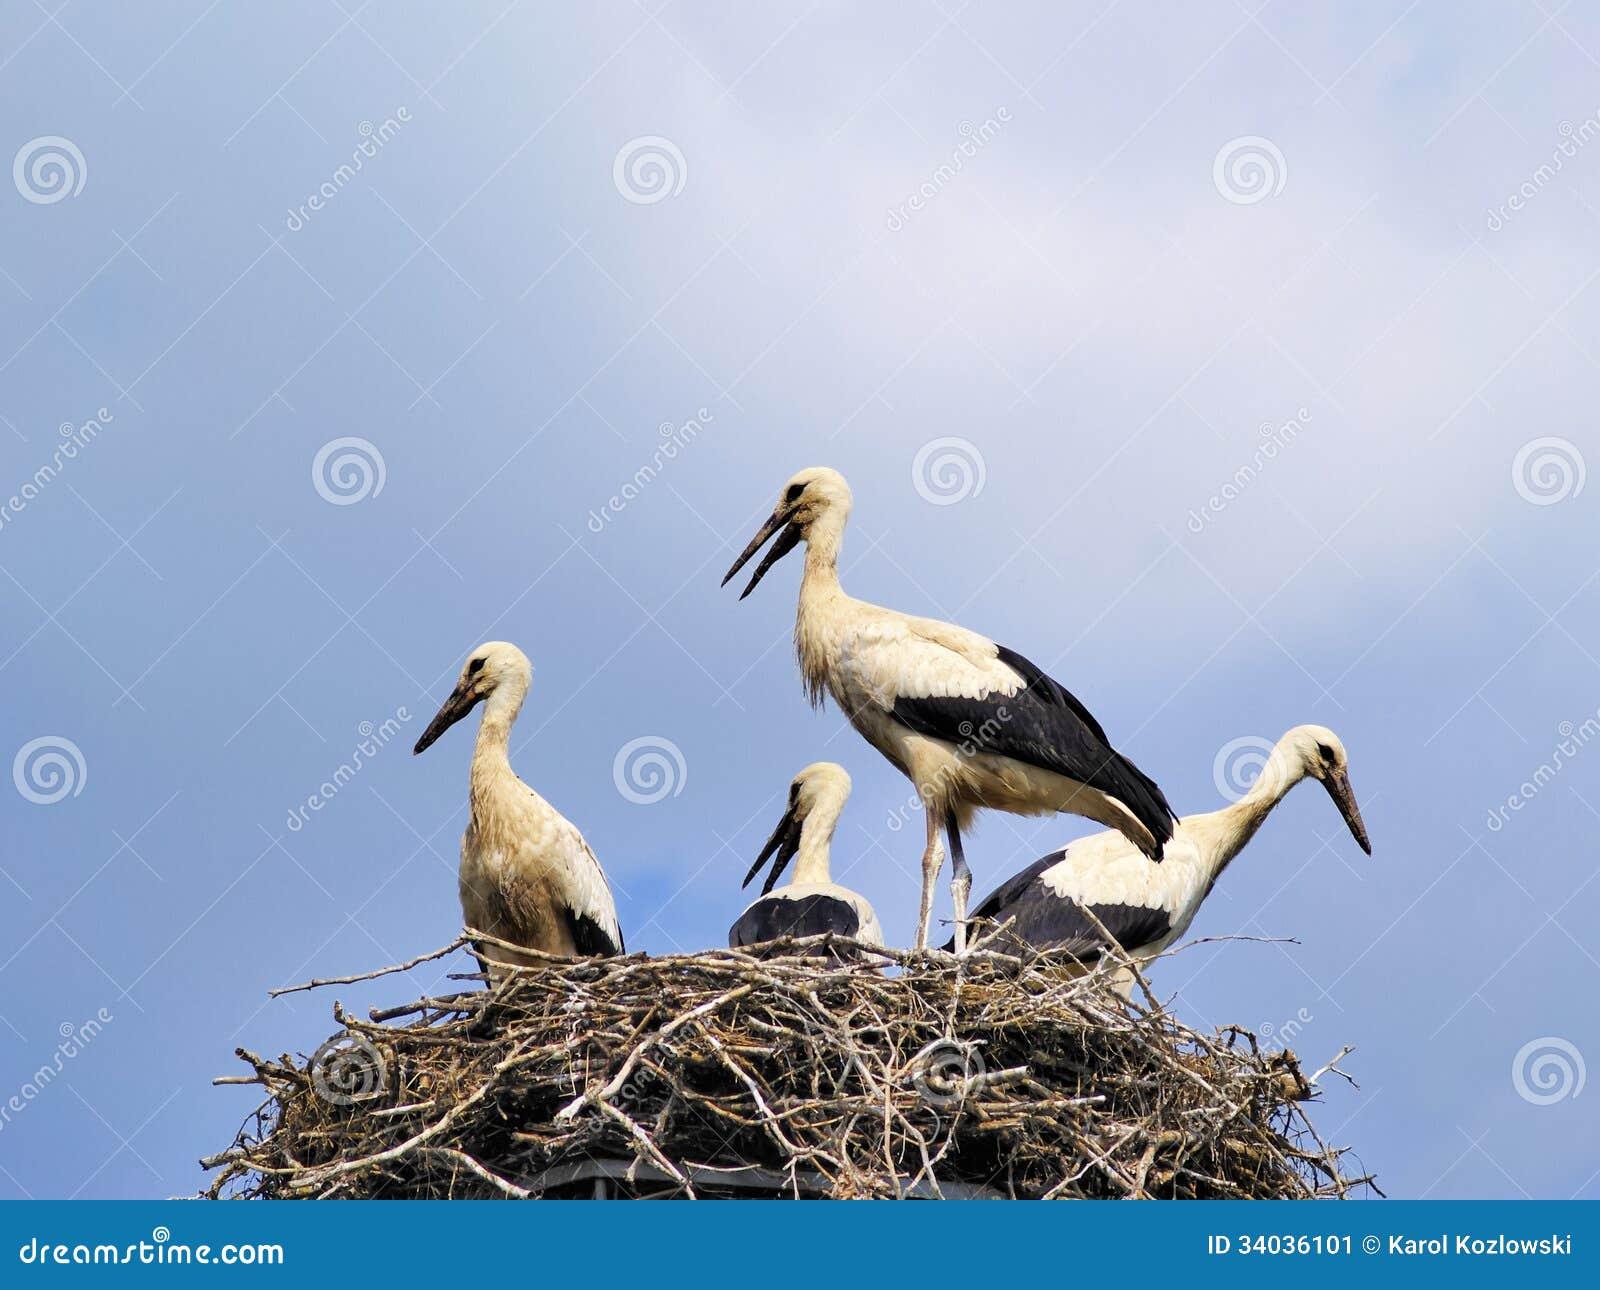 storks in the nest poland stock image image 34036101. Black Bedroom Furniture Sets. Home Design Ideas